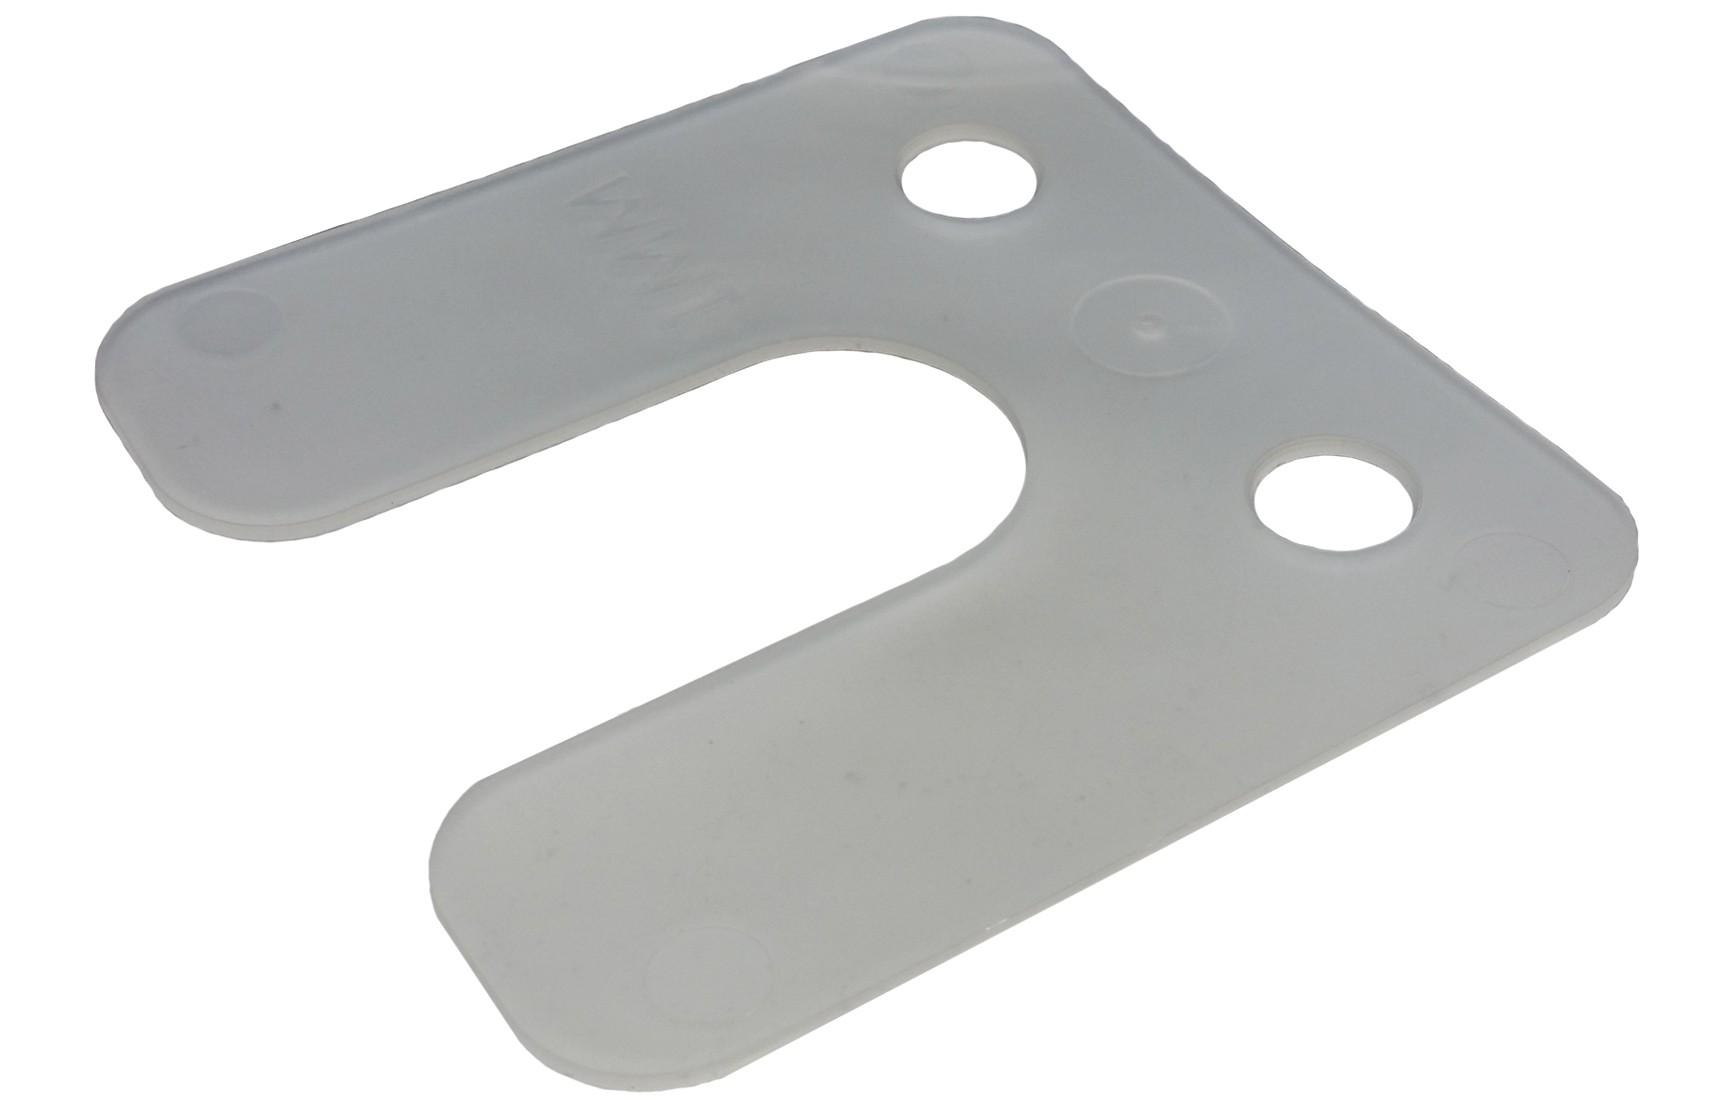 Drukplaat met sleuf  transparant 1 70x70 KS